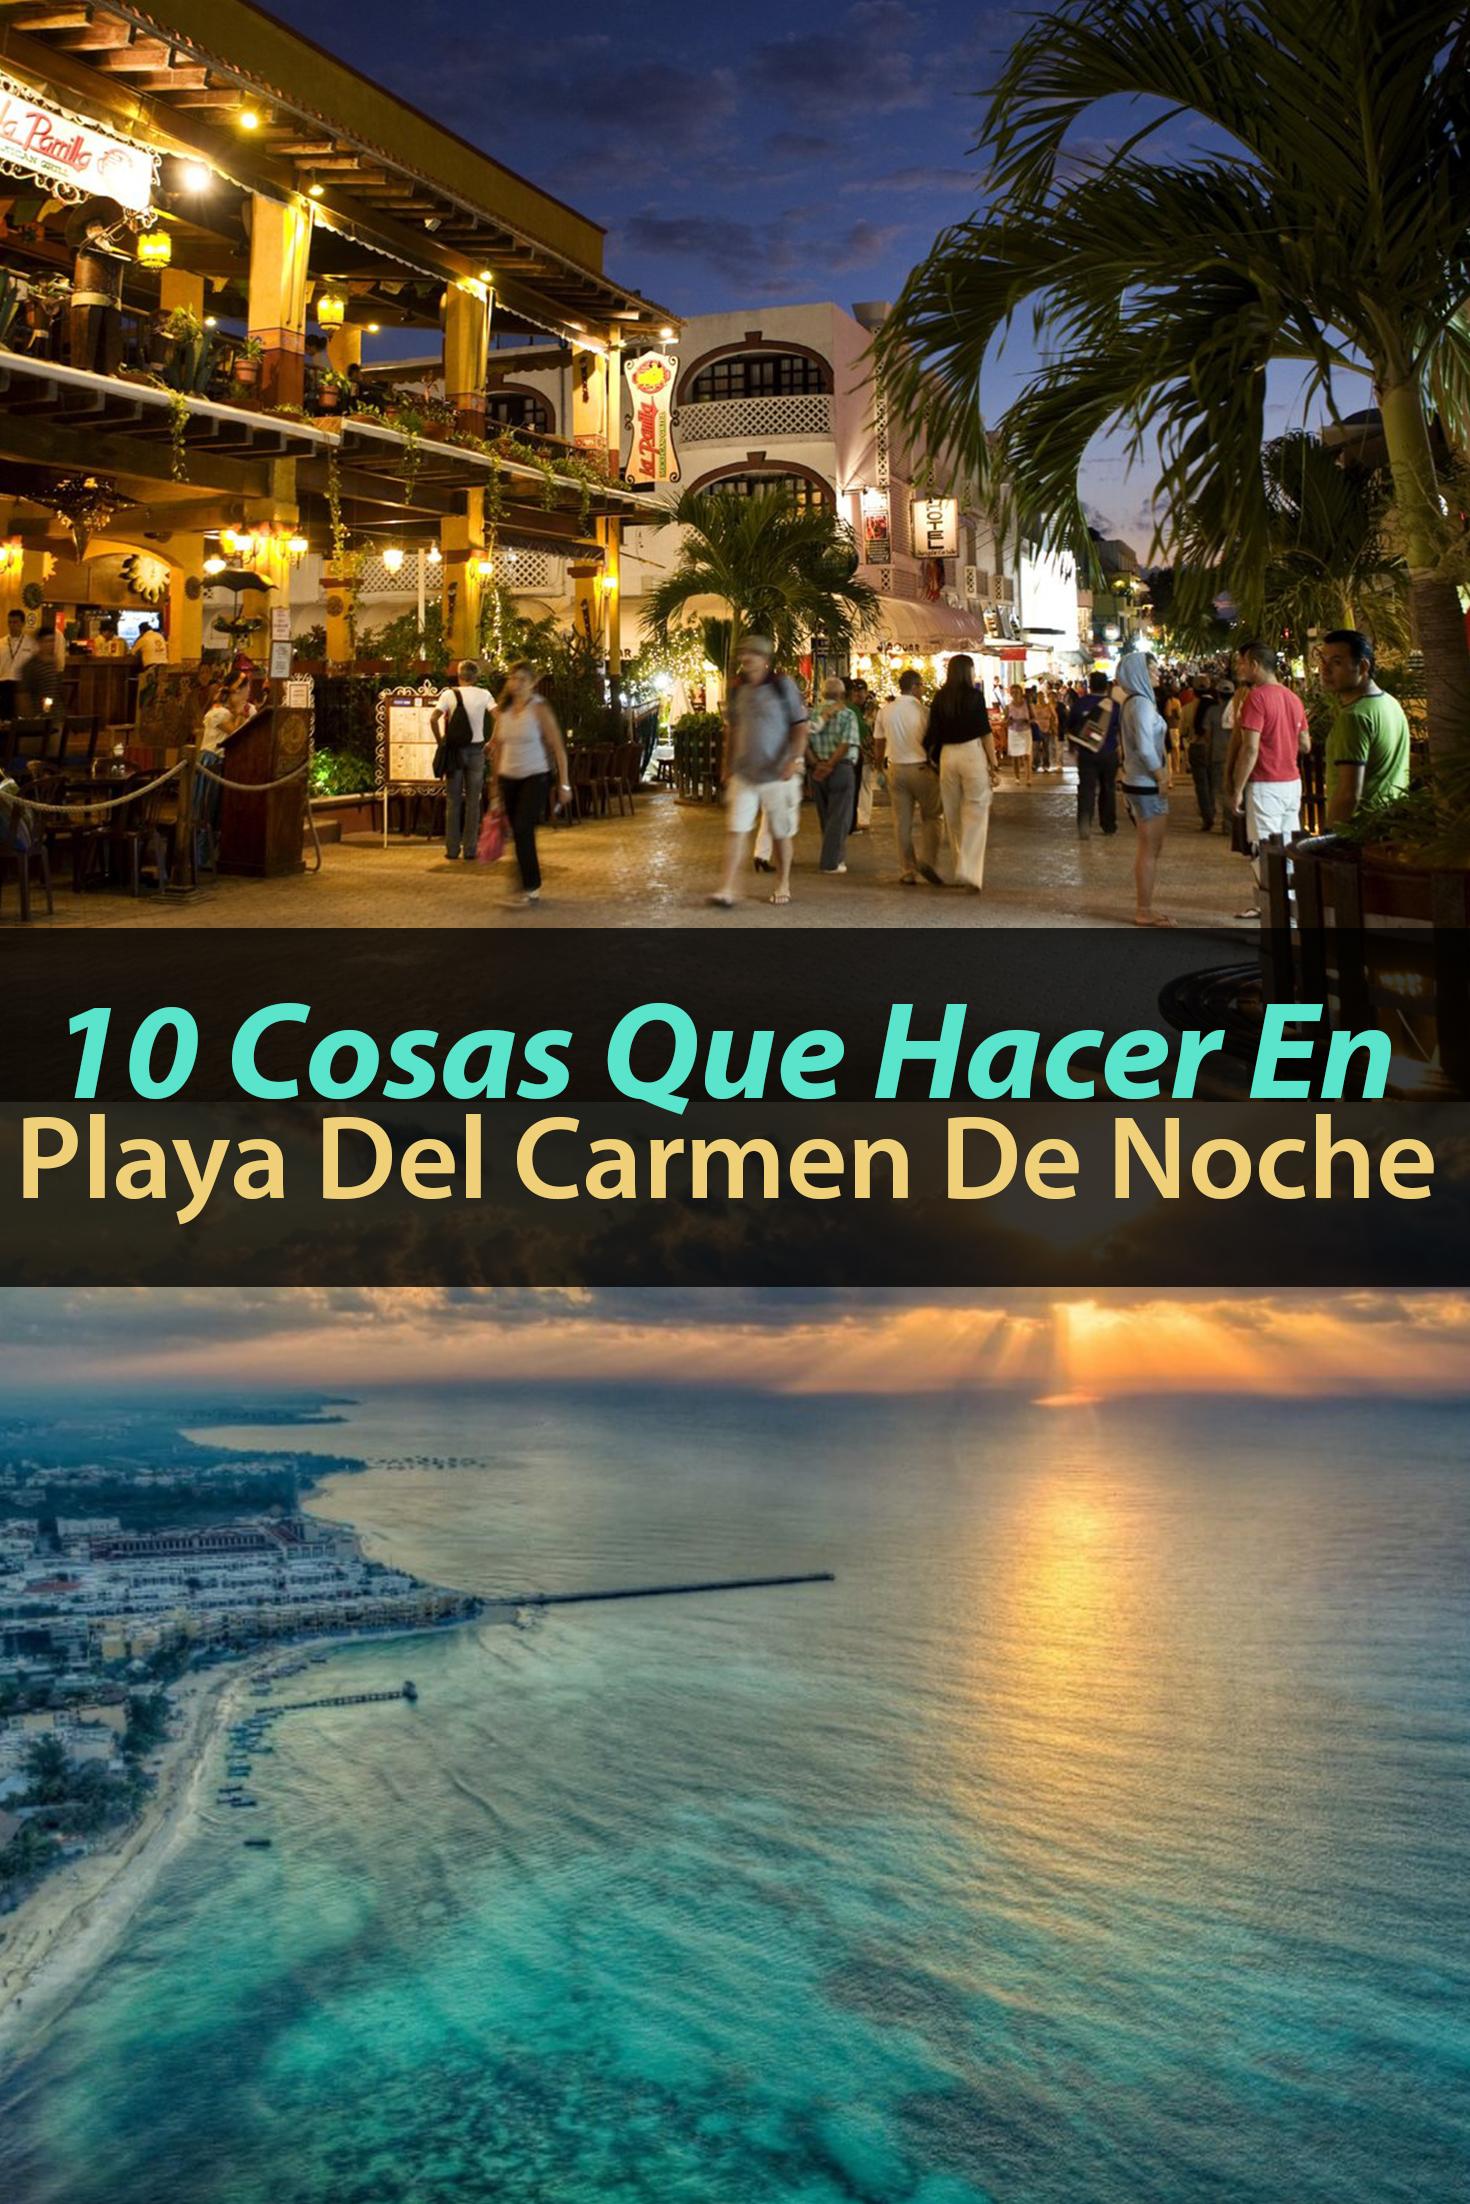 10 Cosas Que Hacer En Playa Del Carmen De Noche Tips Para